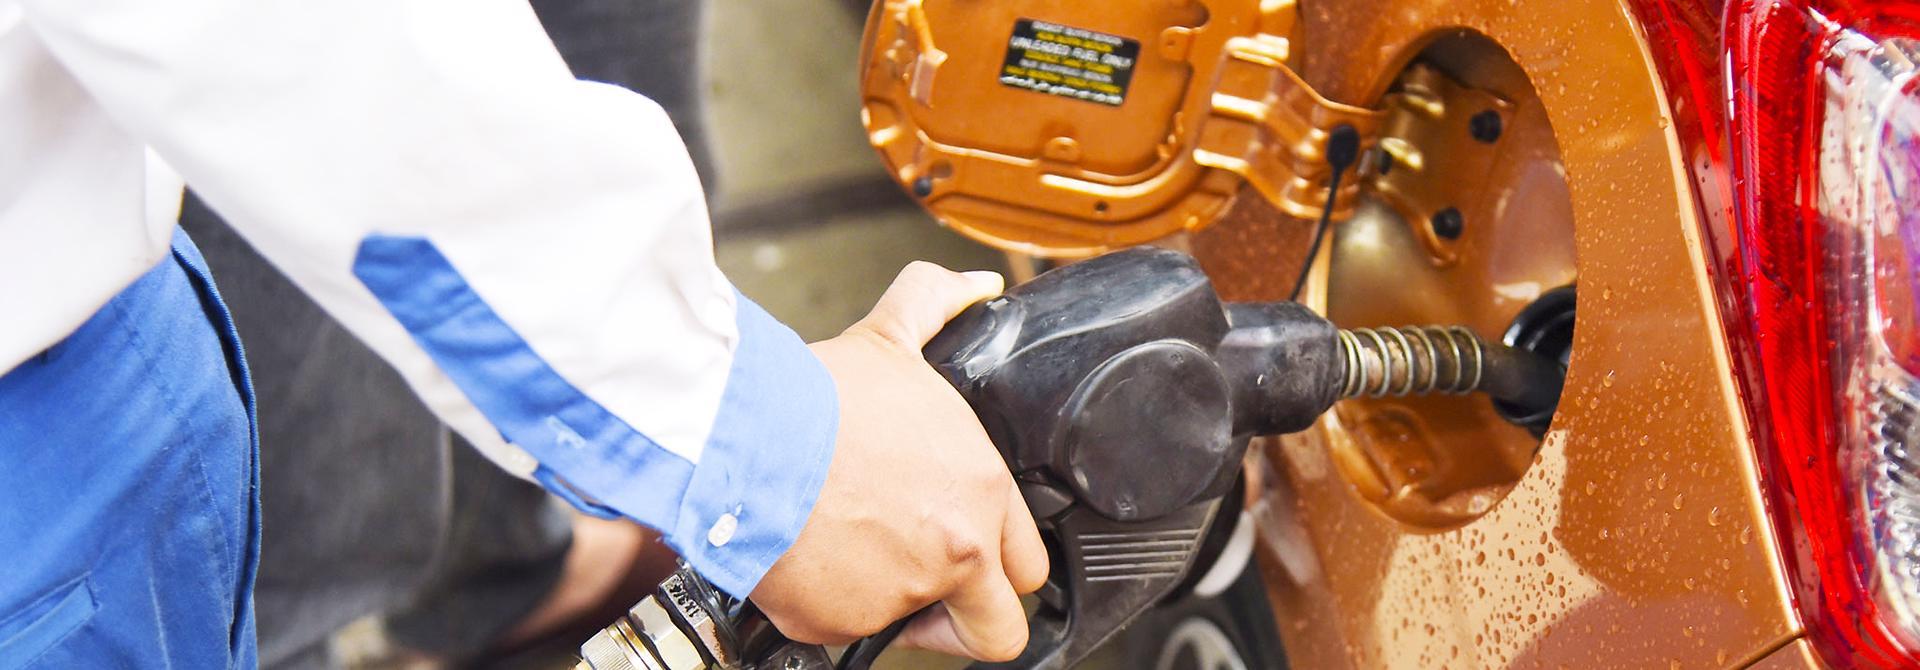 Xe ô tô nào tiết kiệm nhiên liệu nhất Việt Nam hiện nay?